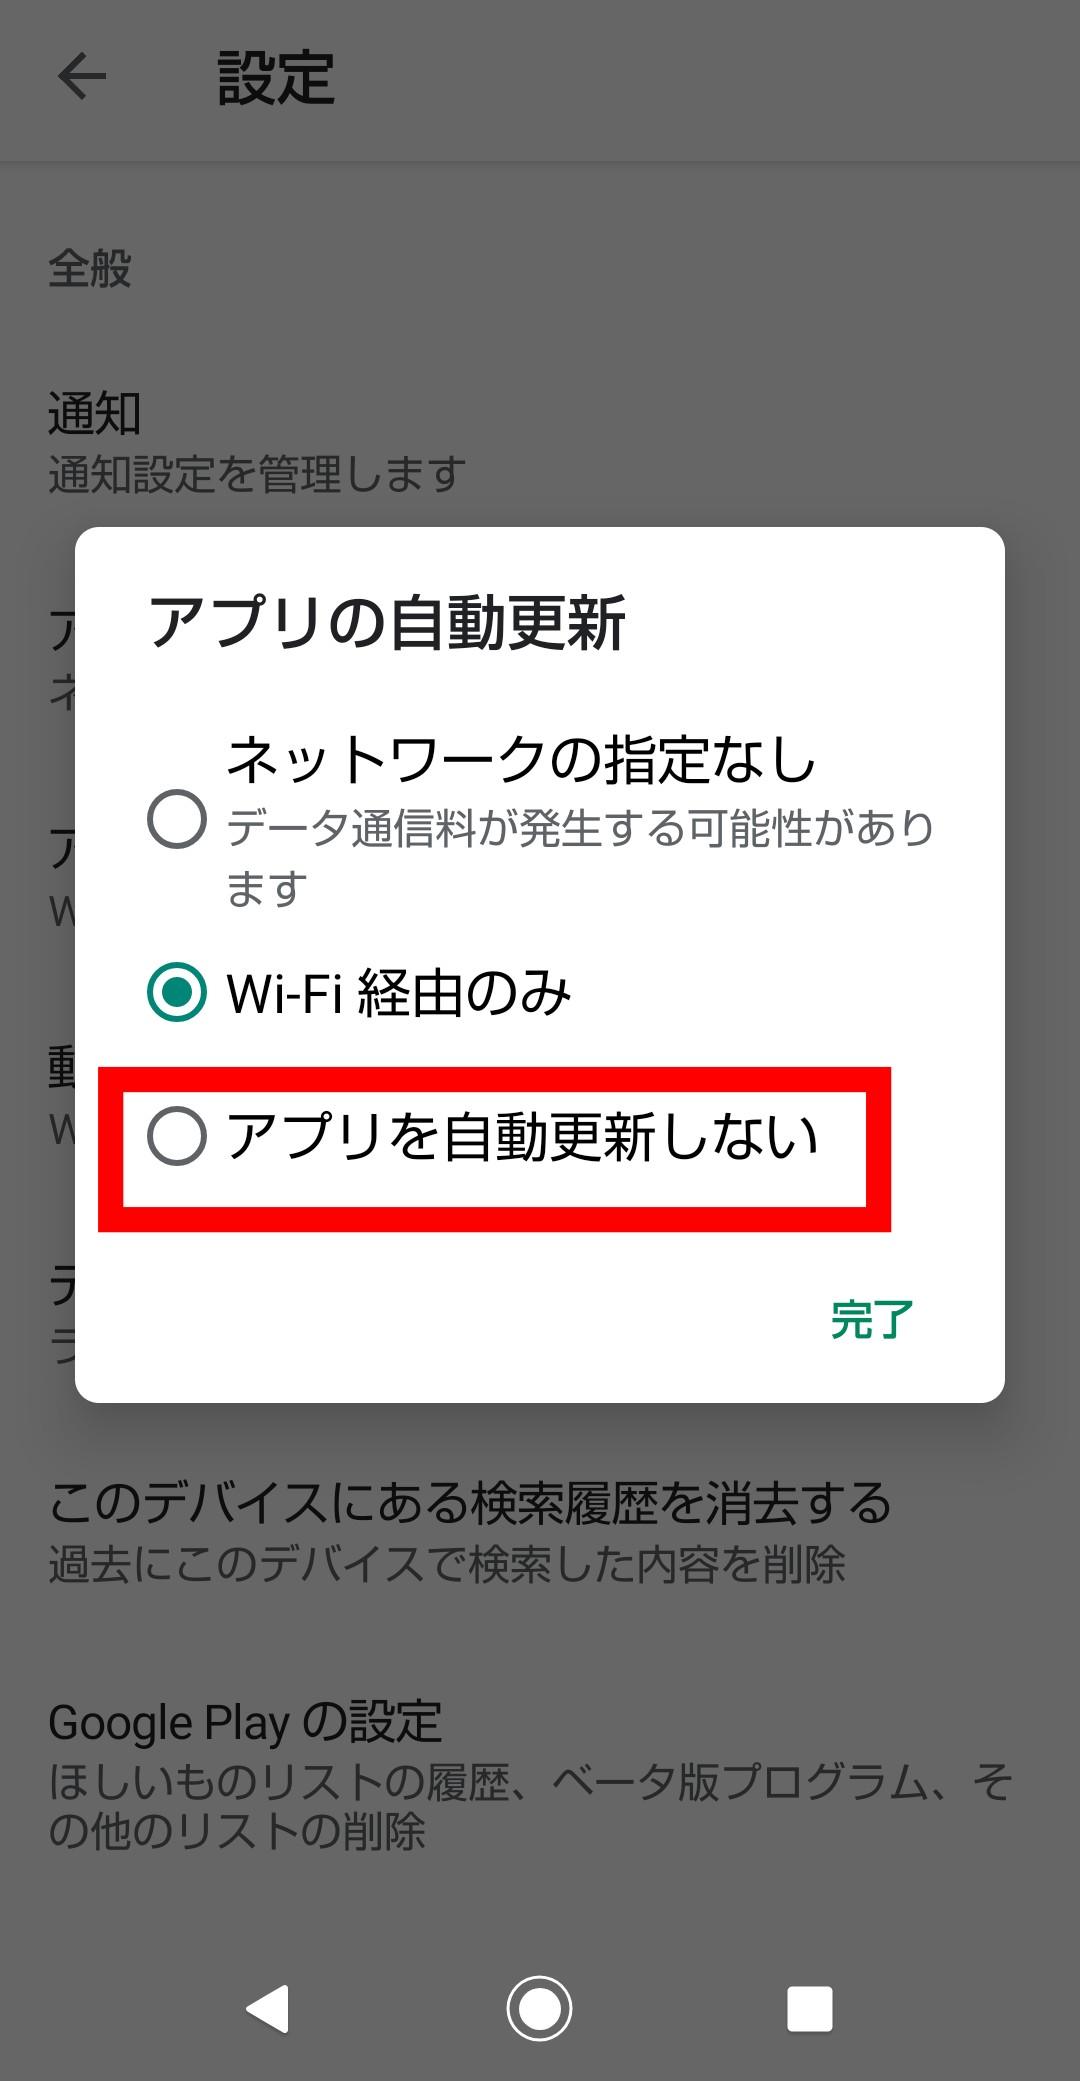 アプリを自動更新しないを選択